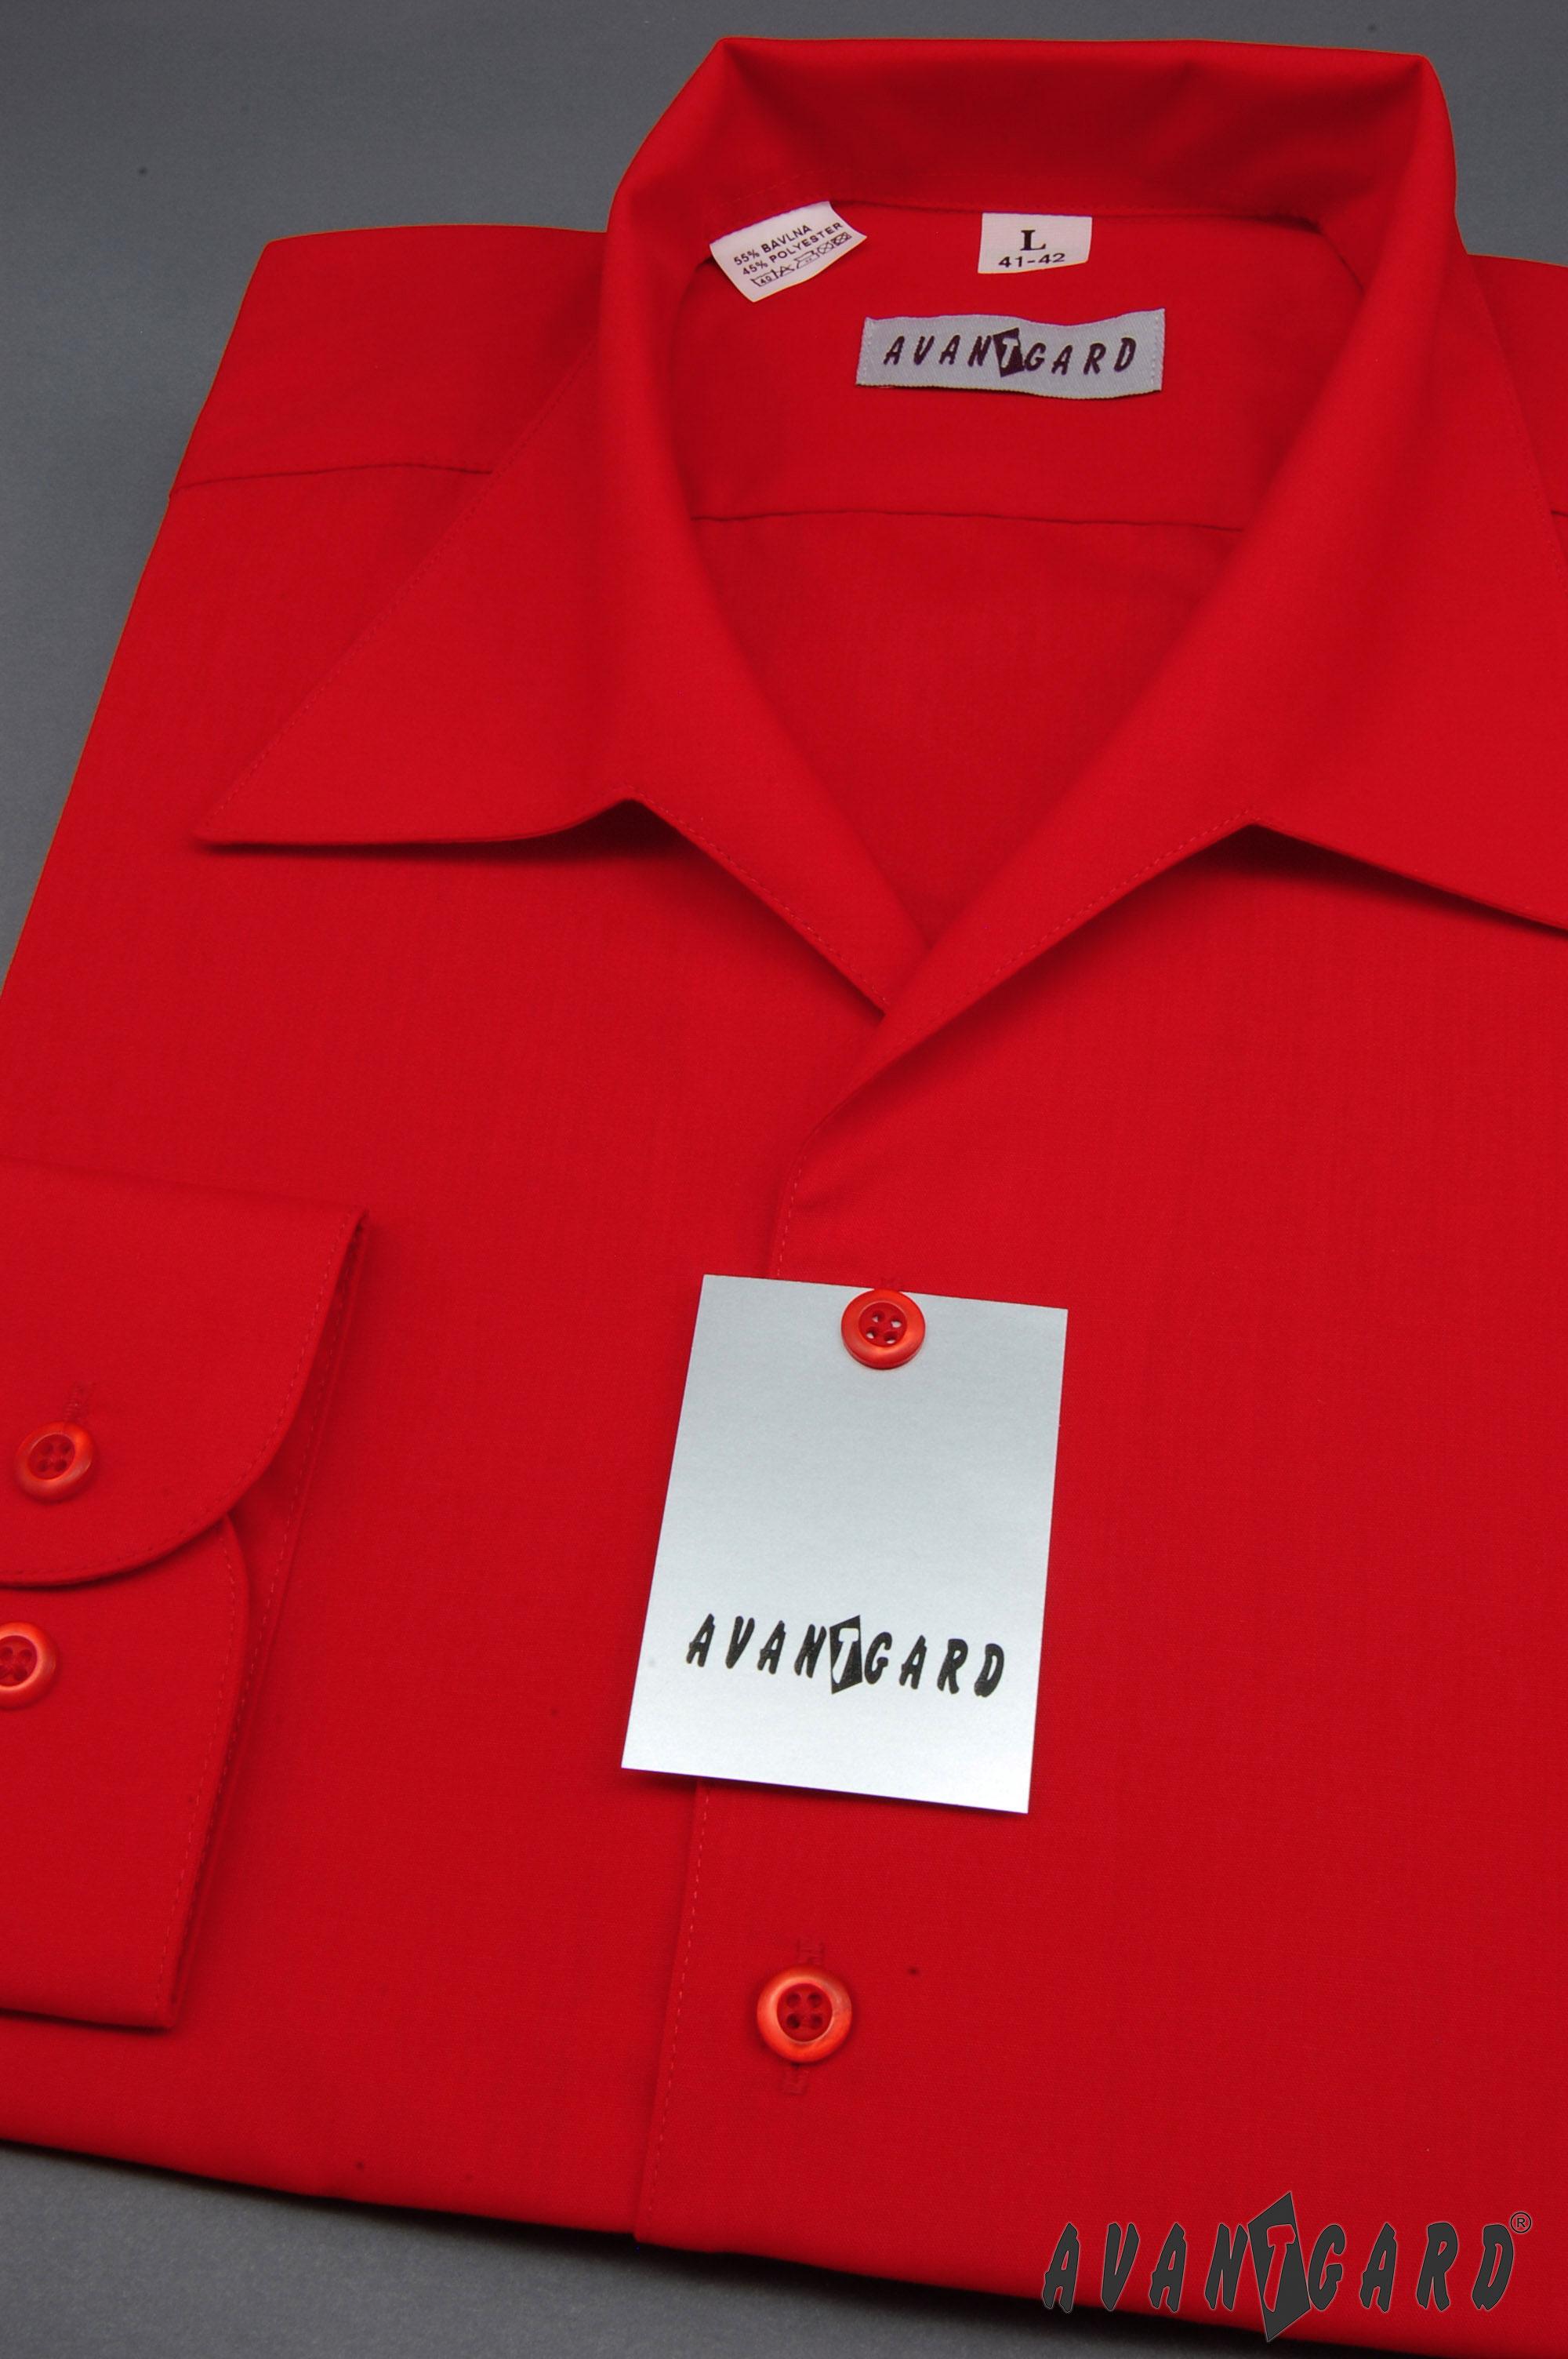 Avantgard pánská košile rozhalenka dlouhý rukáv 457-12 barva červená